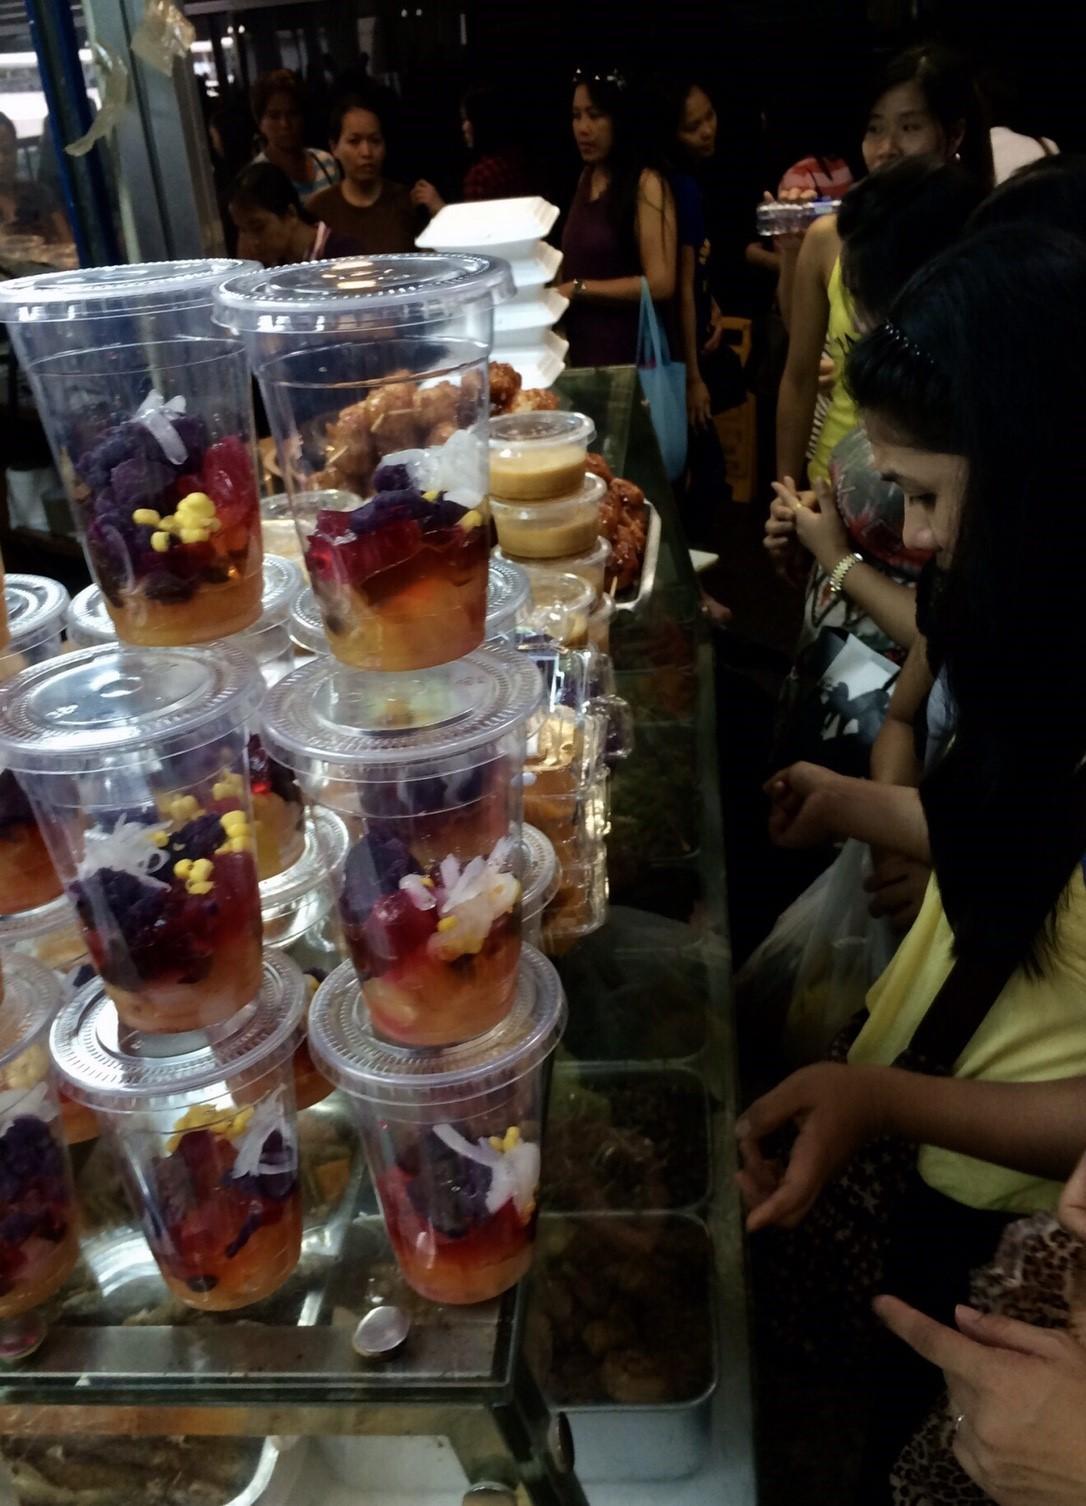 色彩繽紛的菲律賓甜點或許能稍解遠家太遠的移工鄉愁。